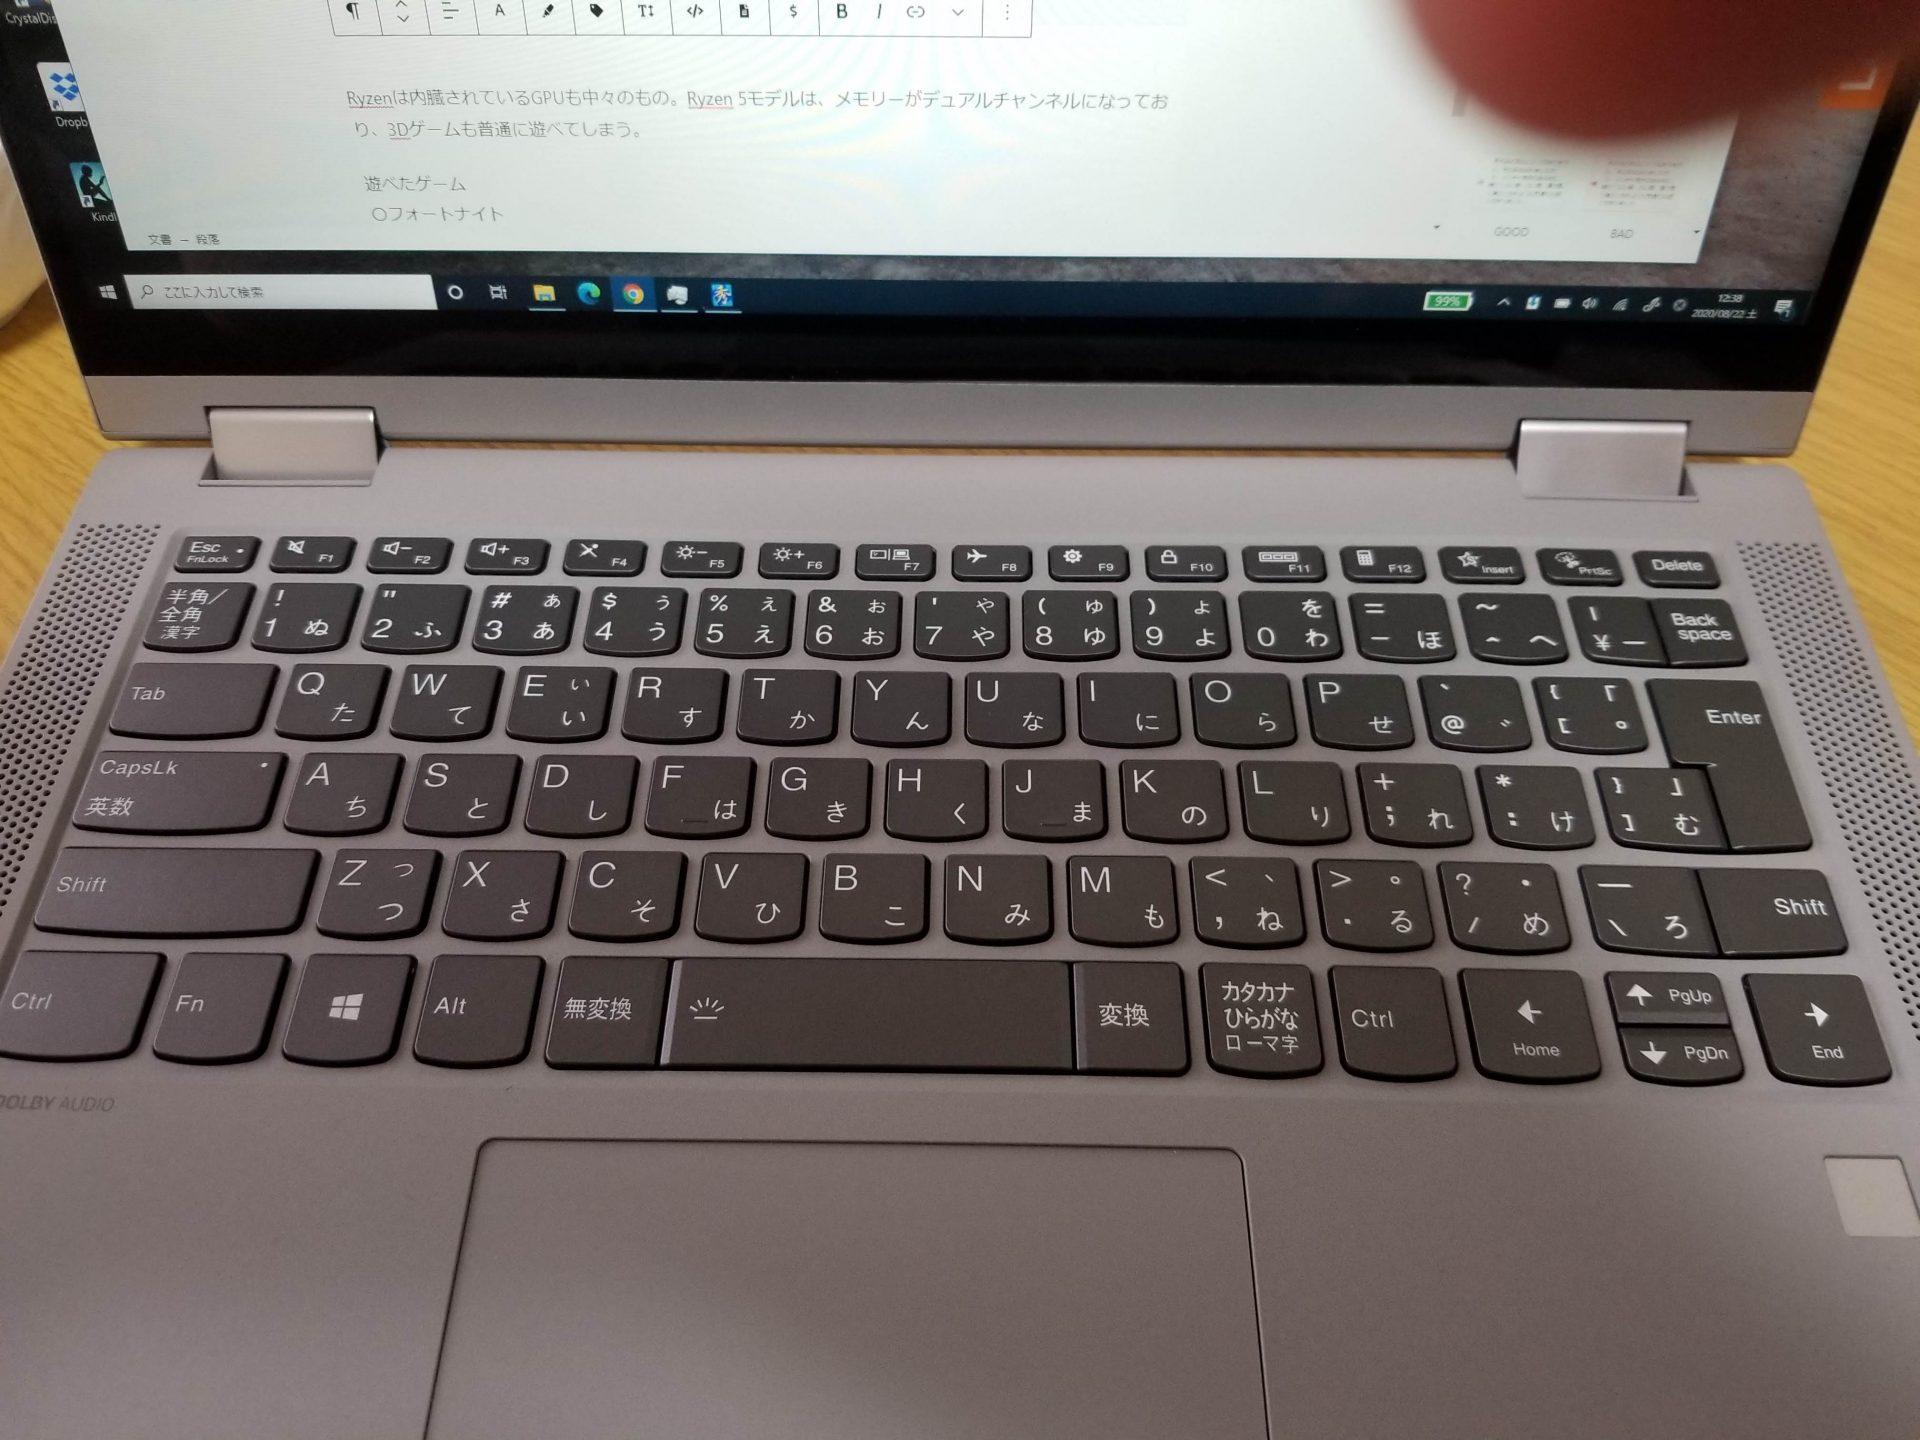 IdeaPad Flex 550(14)のキーボード